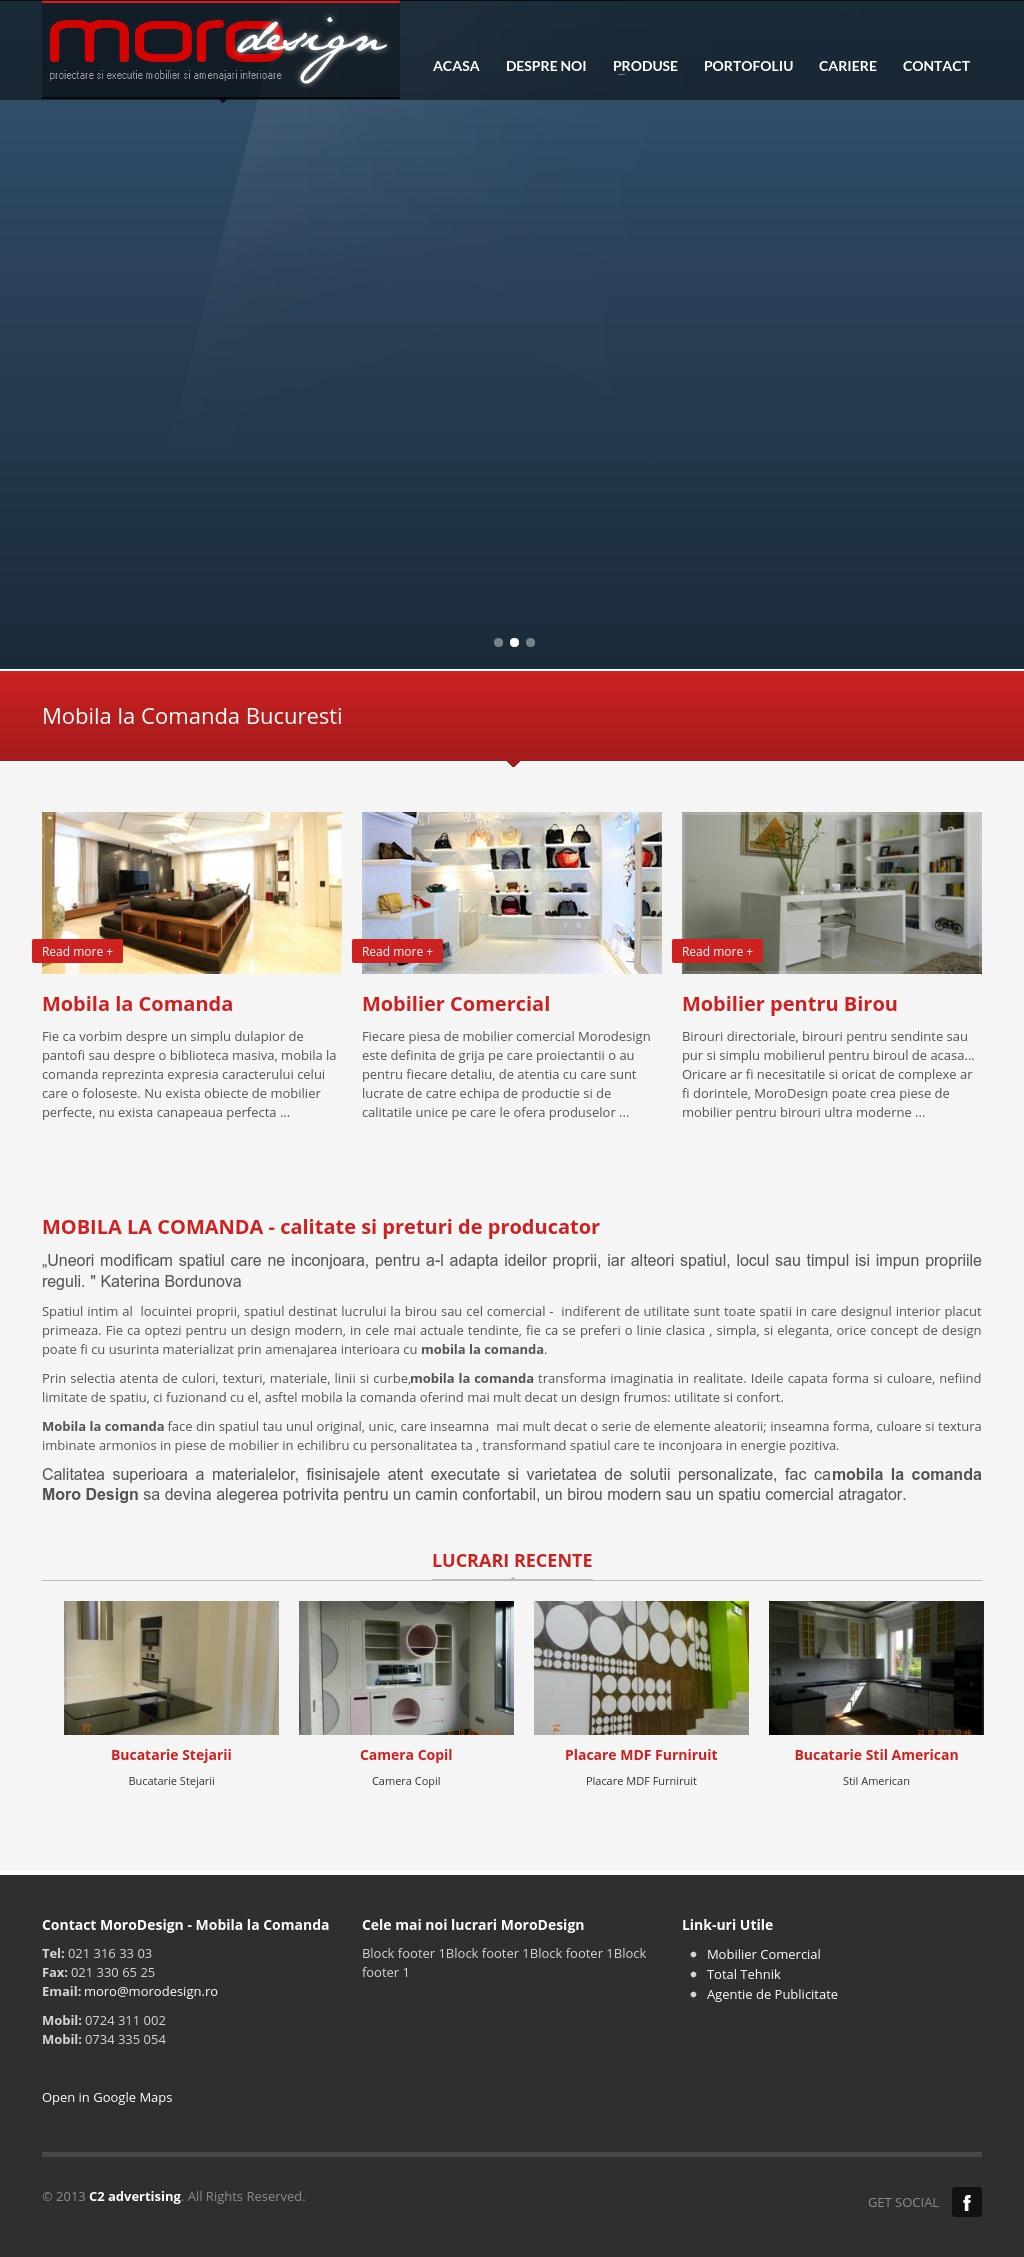 Moro Design